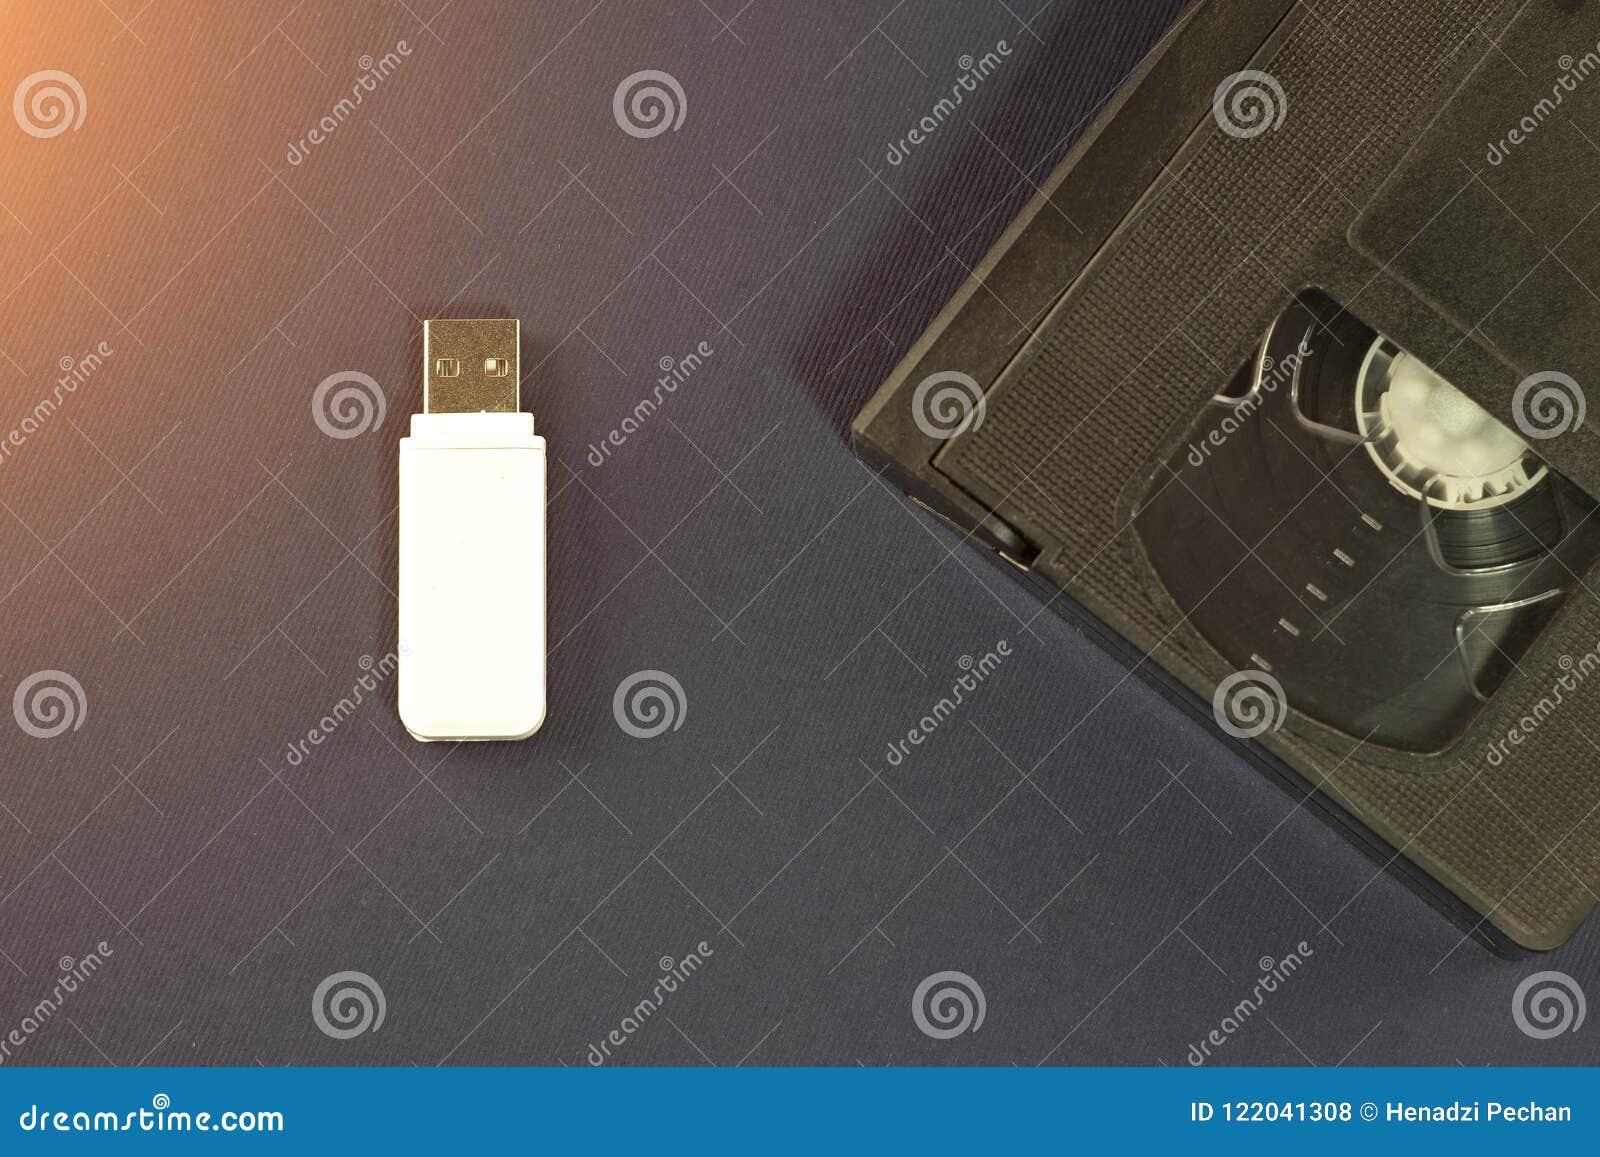 Μια άσπρη κίνηση λάμψης σε ένα μπλε υπόβαθρο και μια τηλεοπτική κασέτα, usb